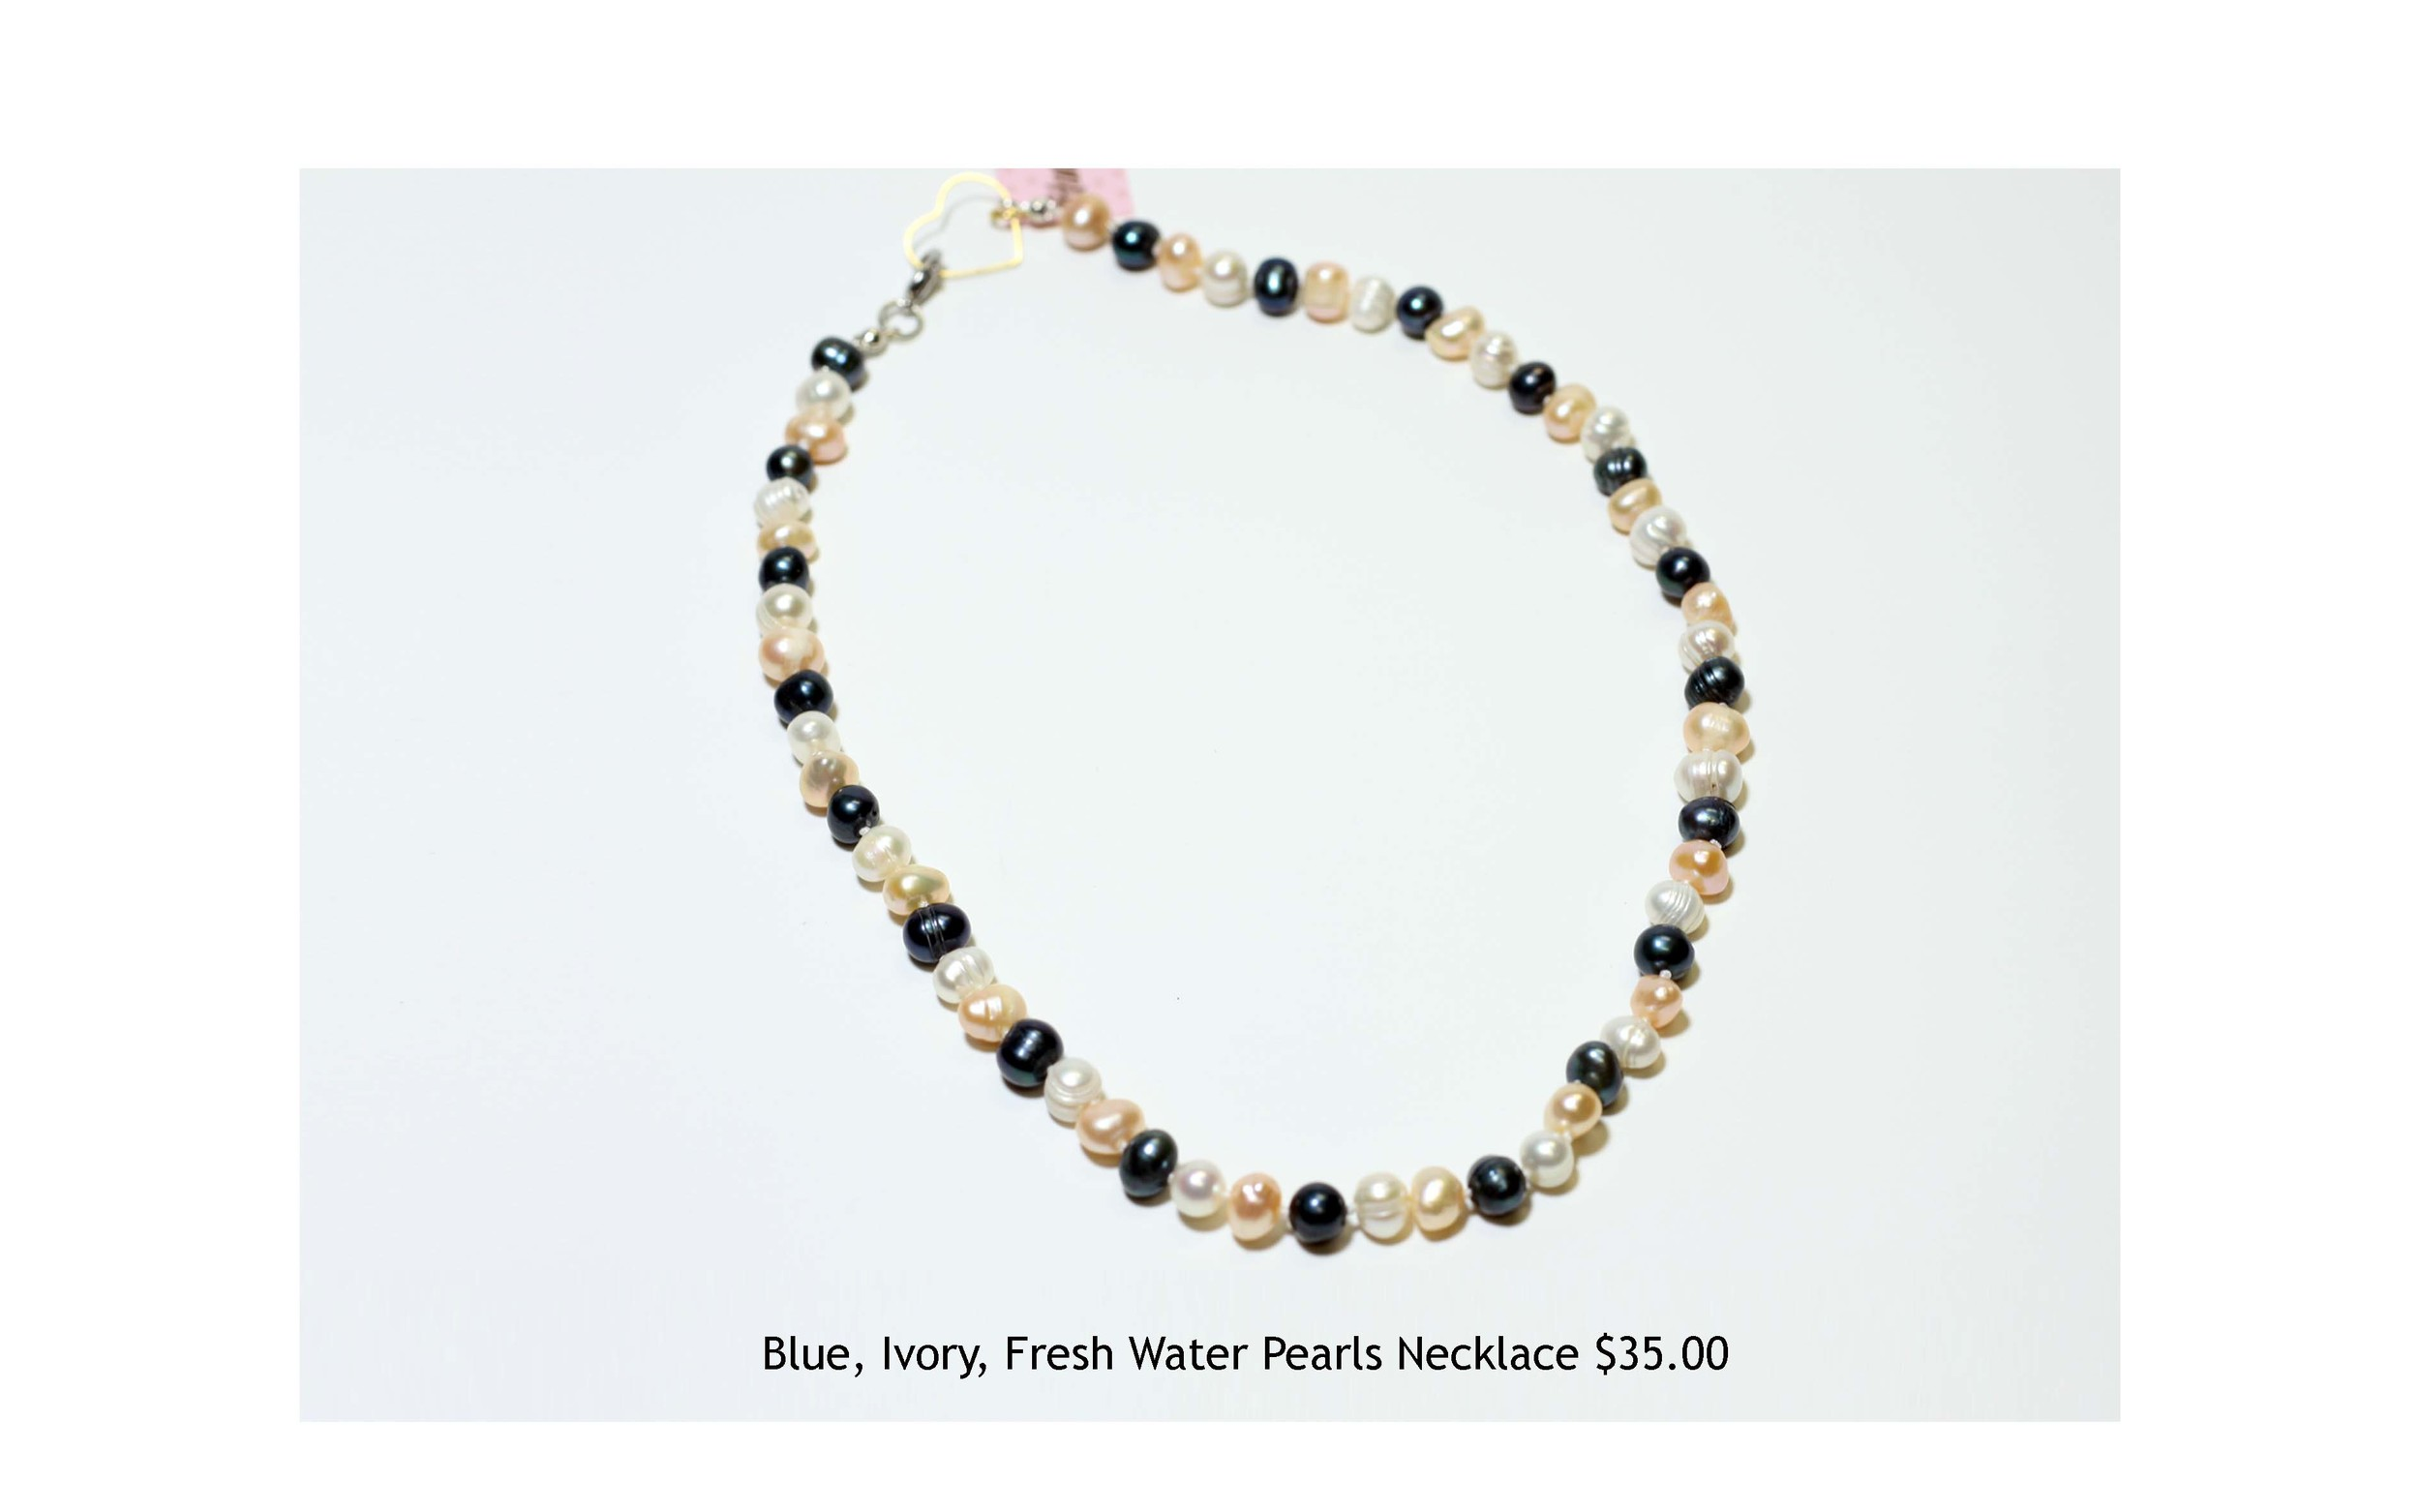 collar perlas pag web copy.jpg